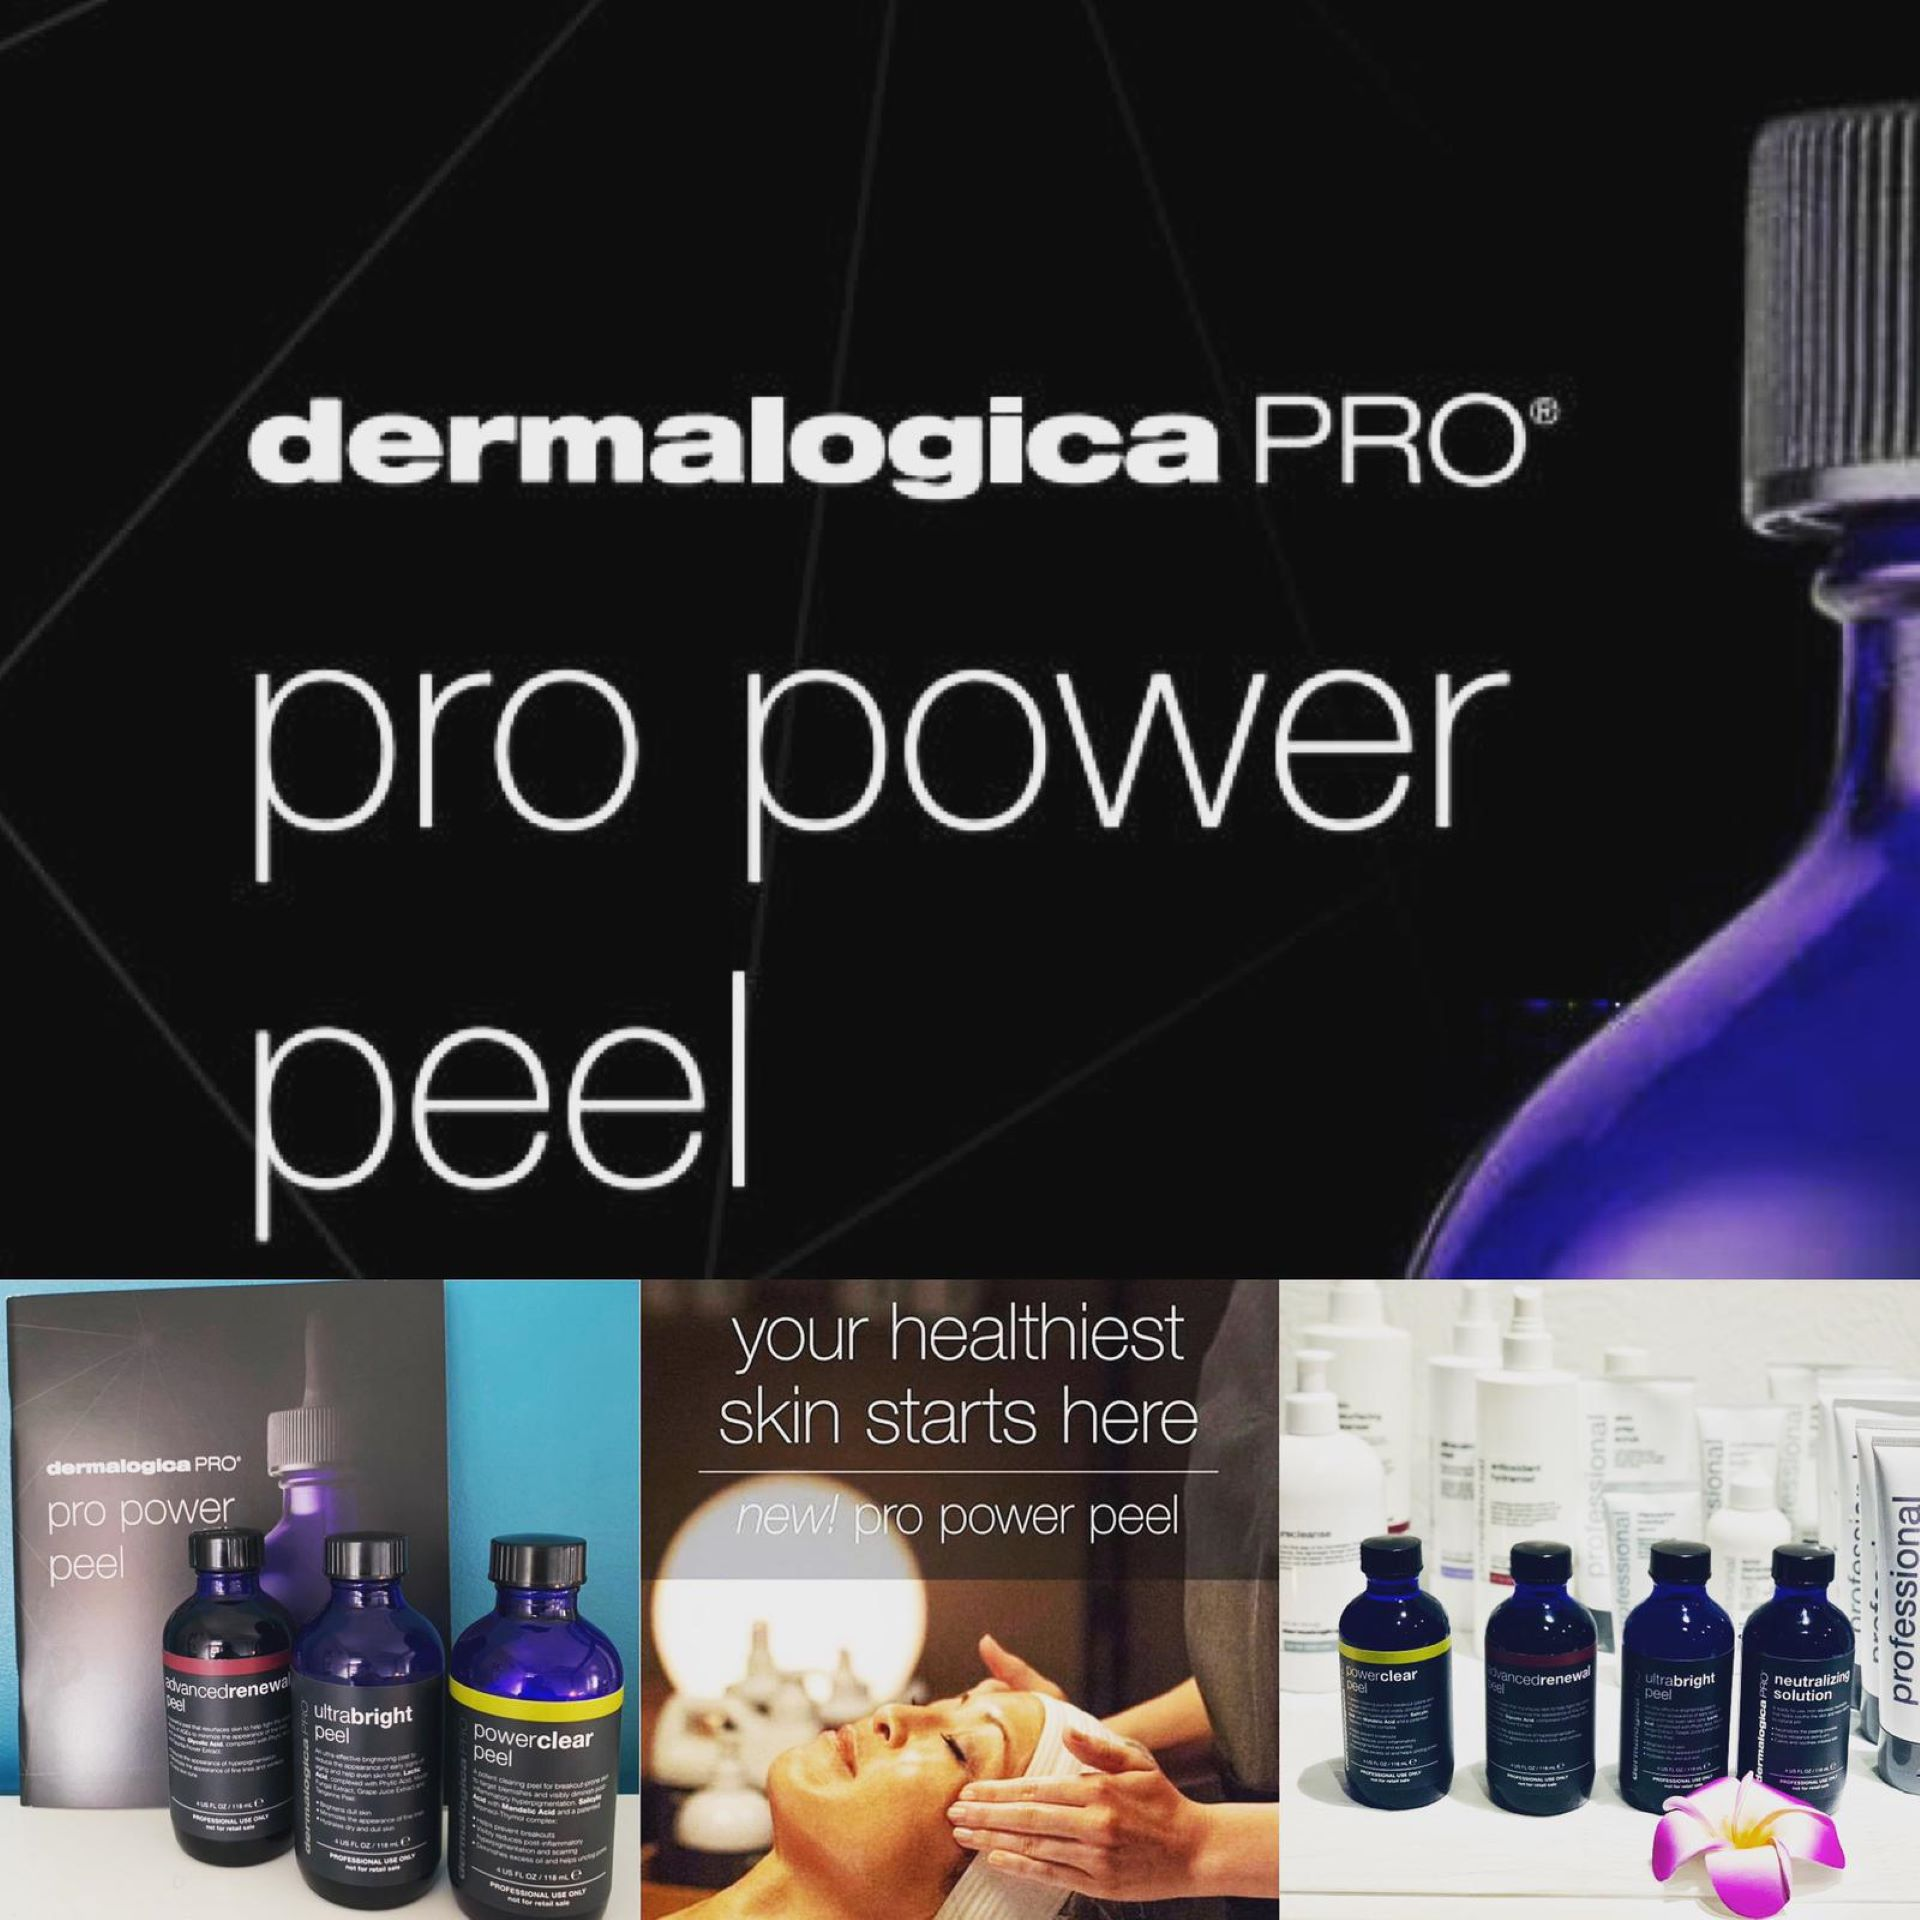 NEW PRO Power Peel